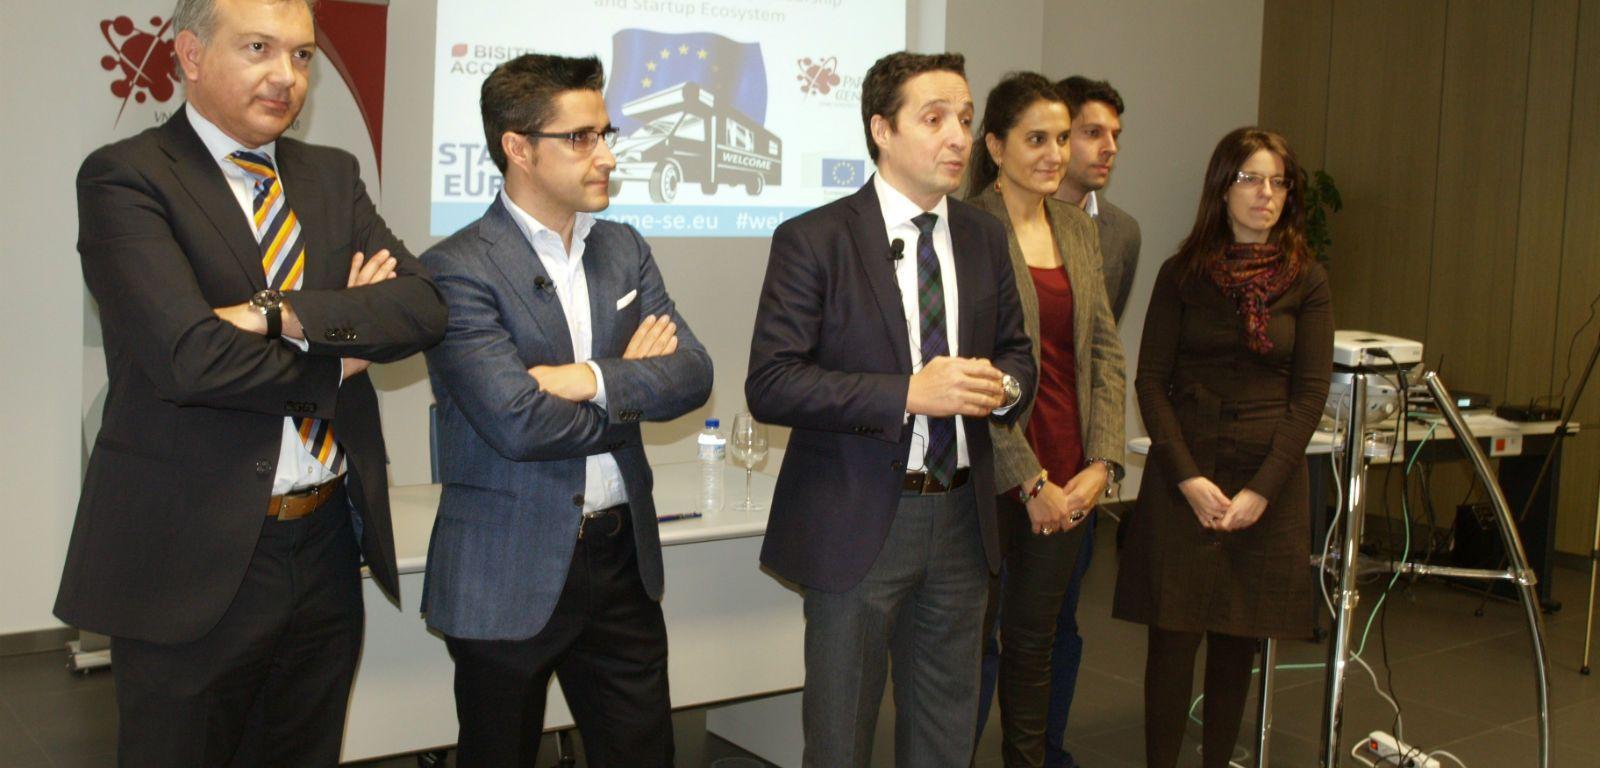 Juan Manuel Corchado presenta el proyecto Welcome